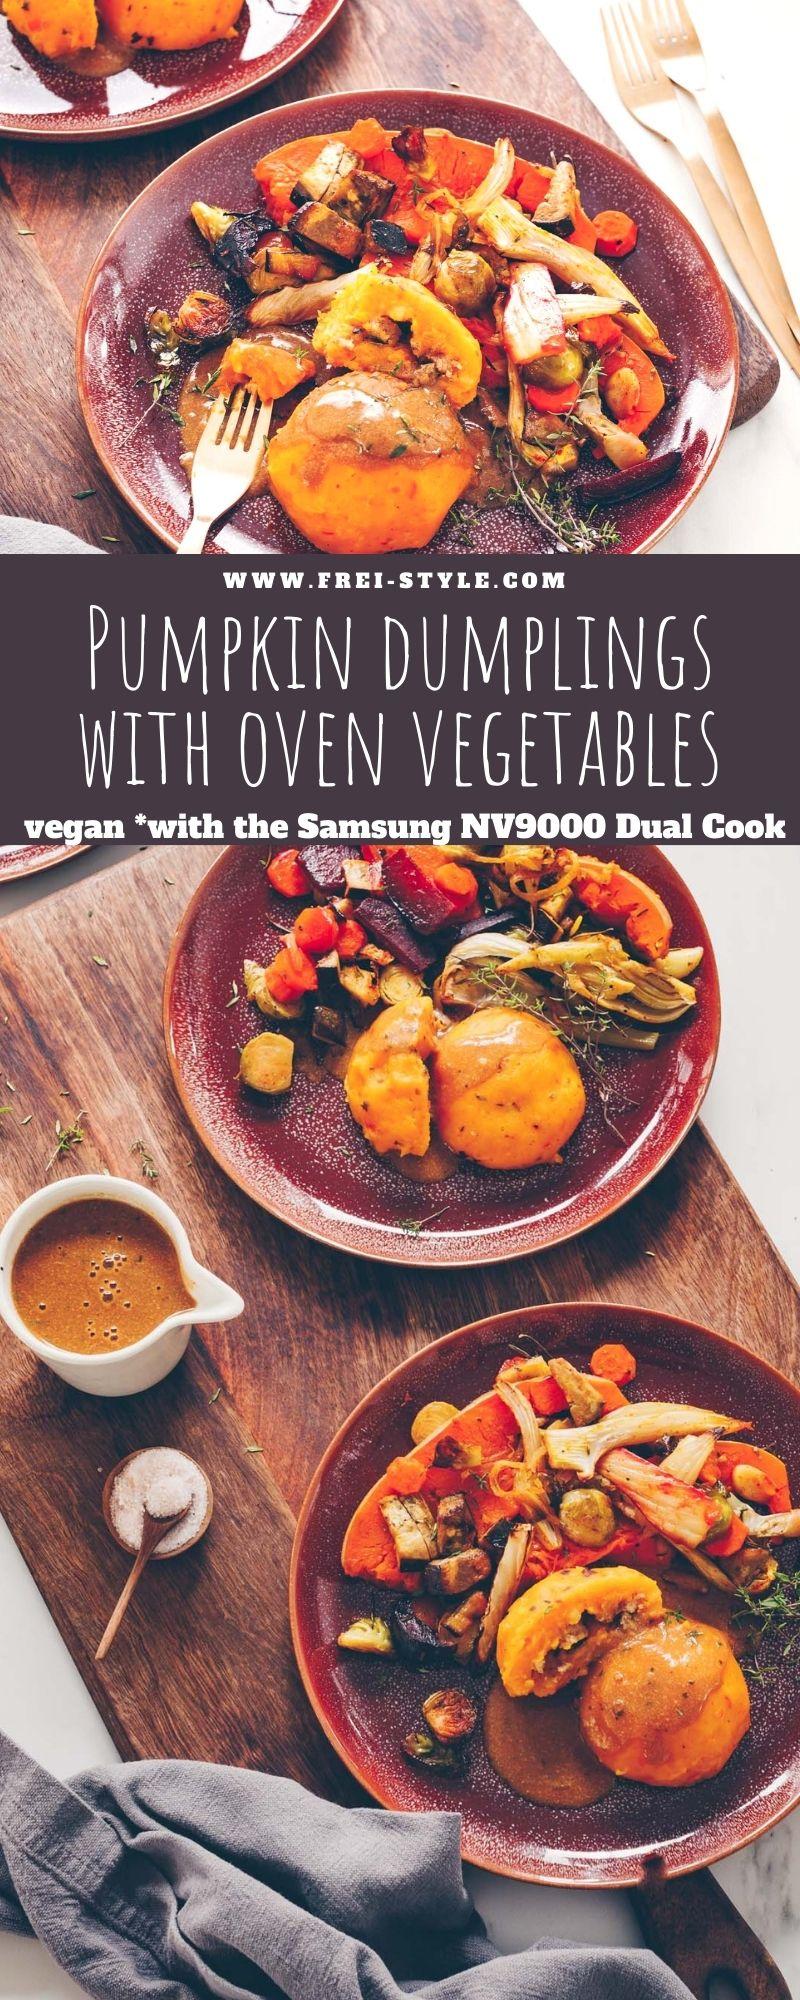 Pumpkin dumplings with oven vegetables